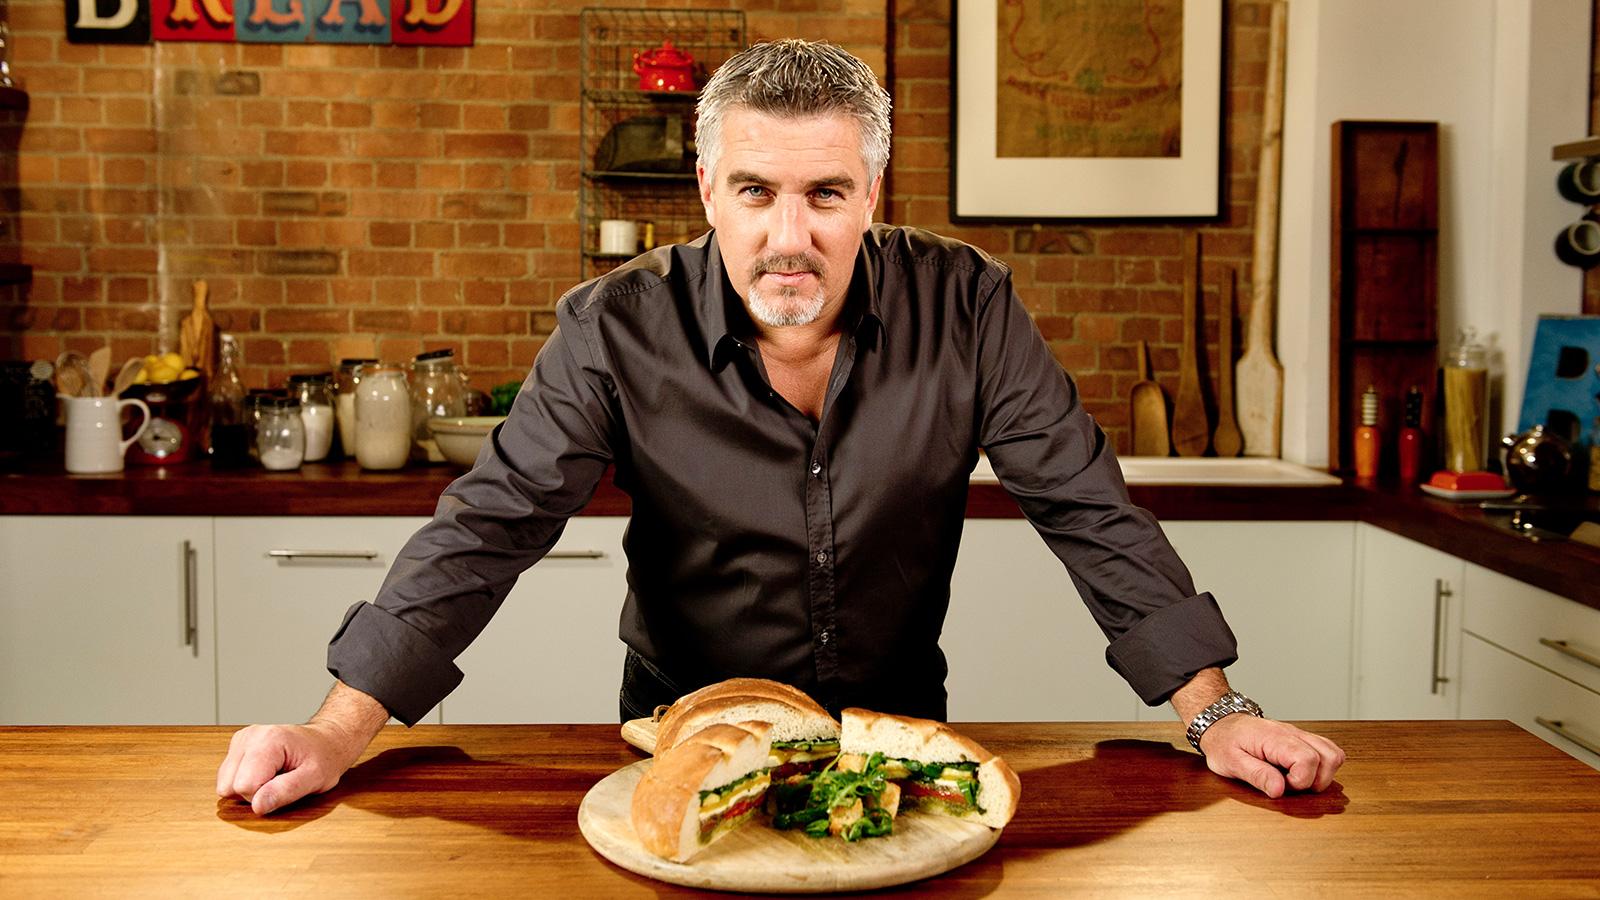 Paul hollywood cocineros canal cocina - Canal cocina cocineros ...